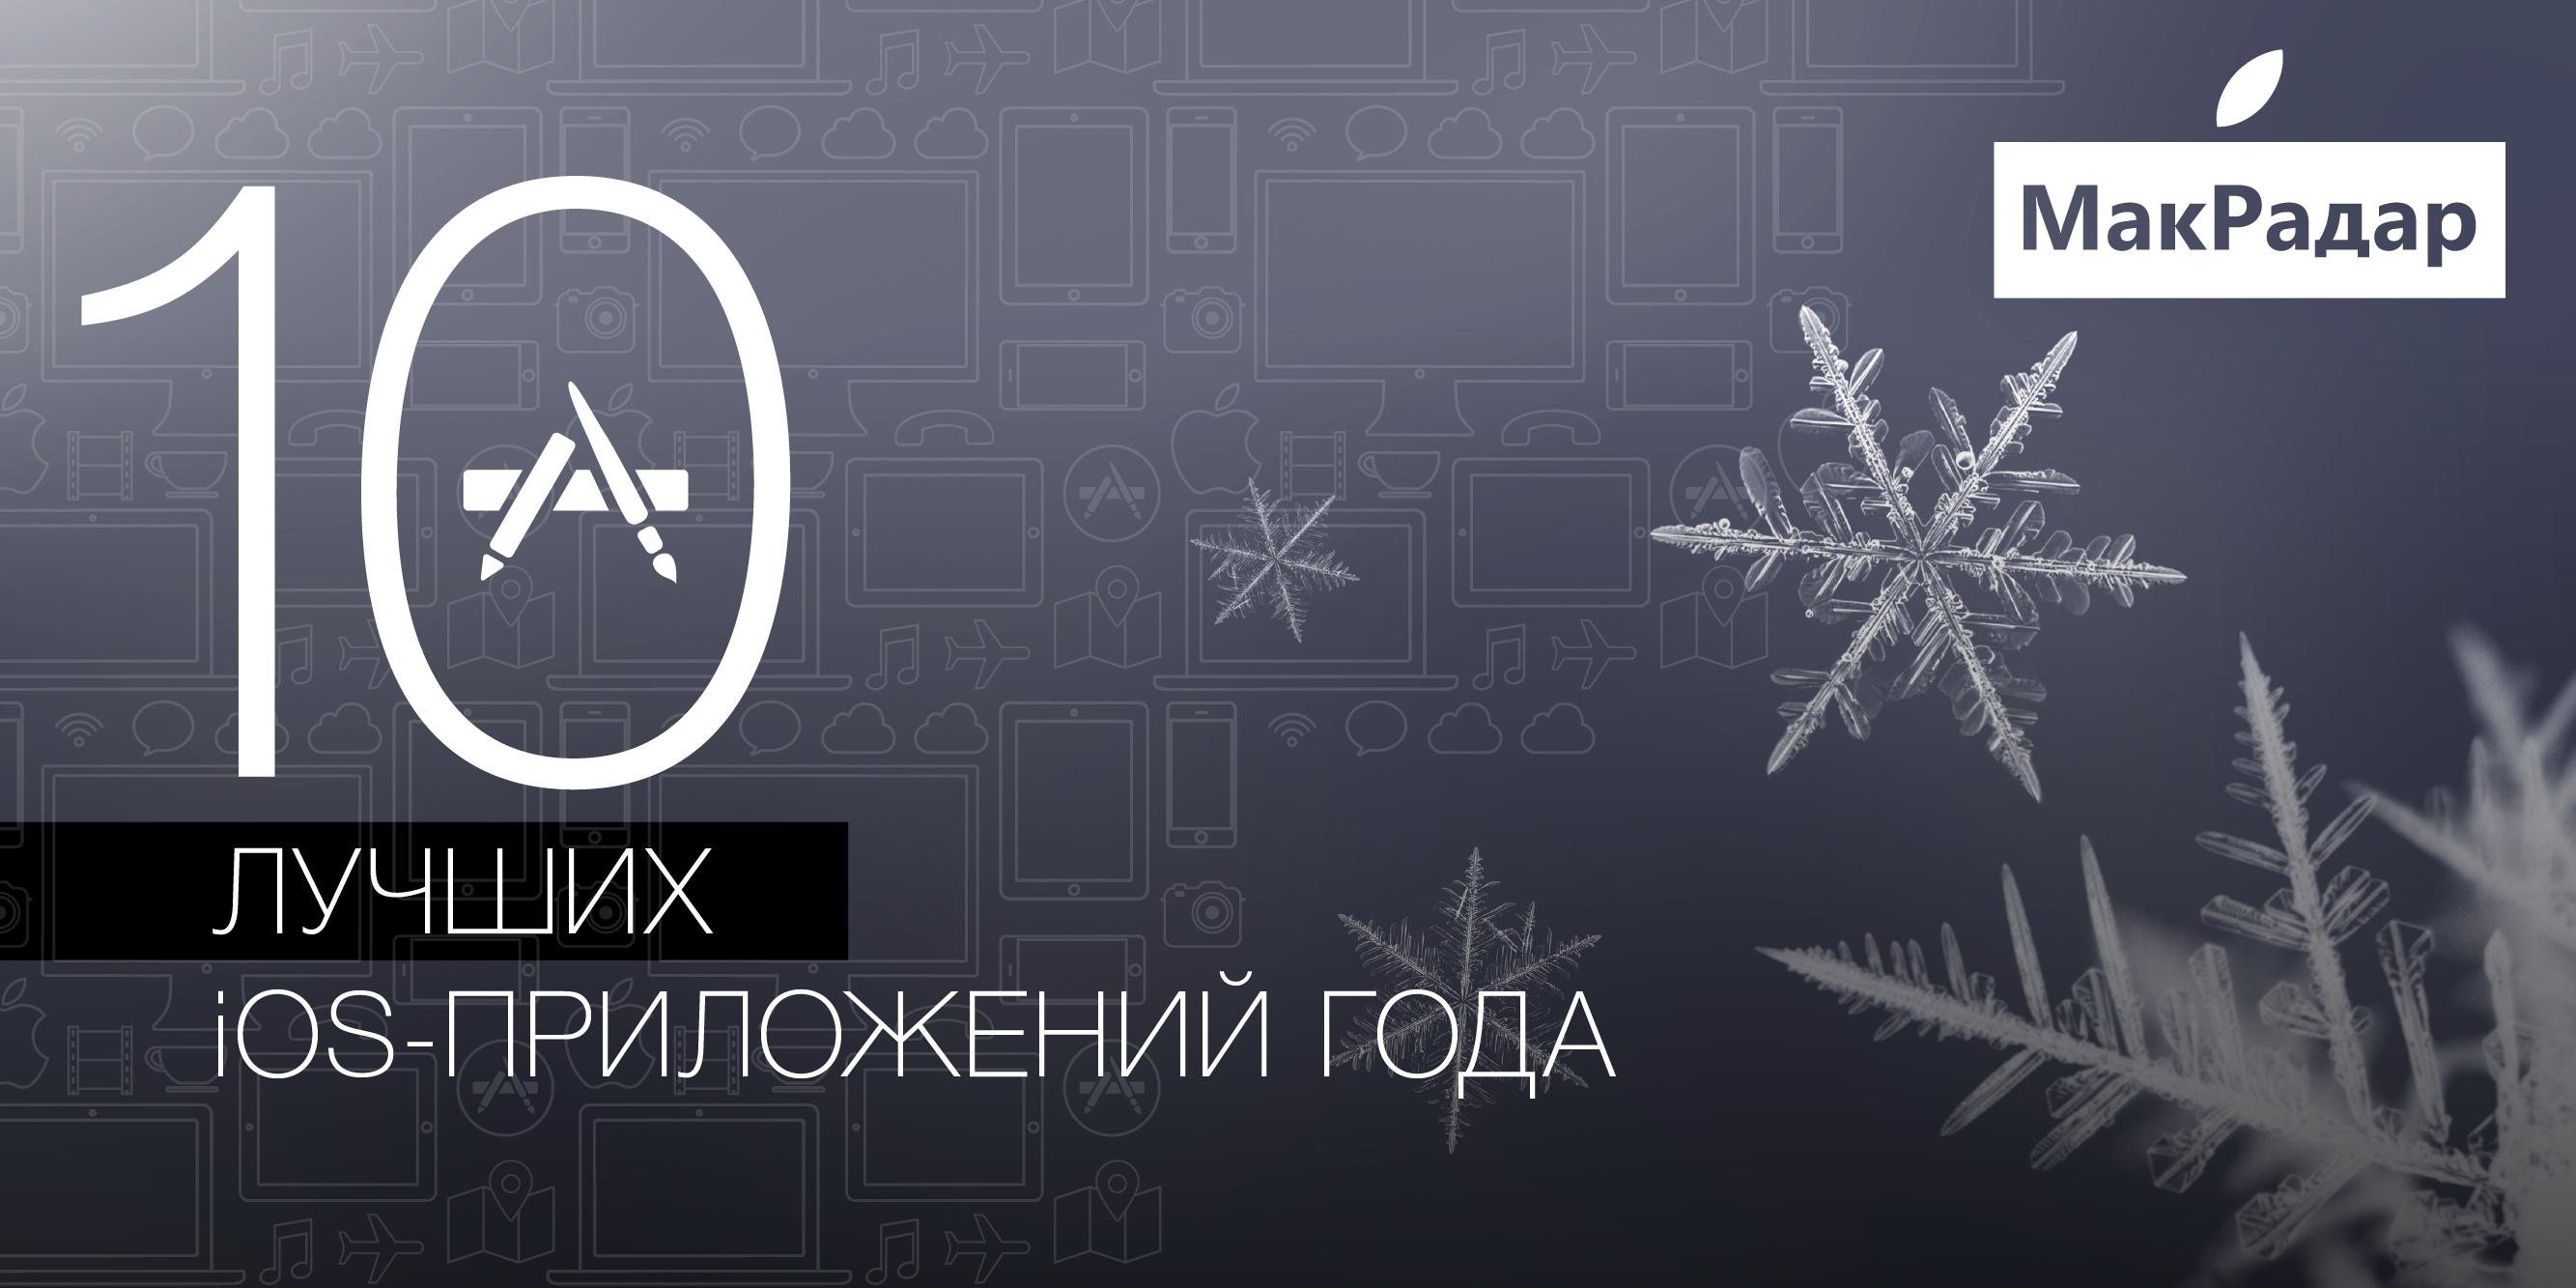 10 лучших iOS-приложений 2014 года